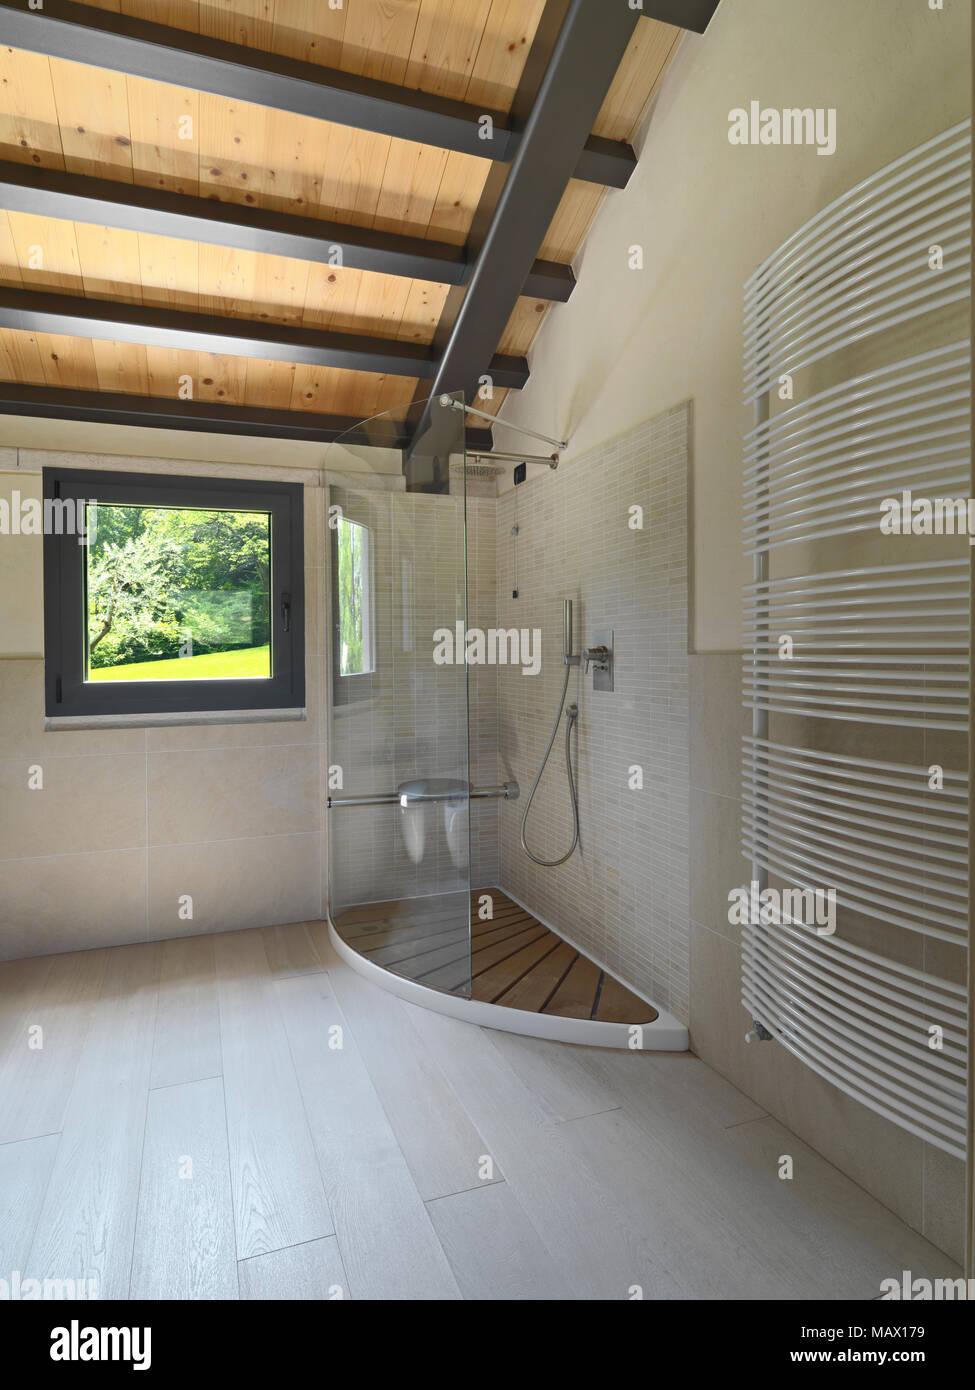 Scatti di interni di un bagno moderno, in primo piano round contro piano lavabo in marmo di hte top in background il bidet e la tazza igienica il Immagini Stock